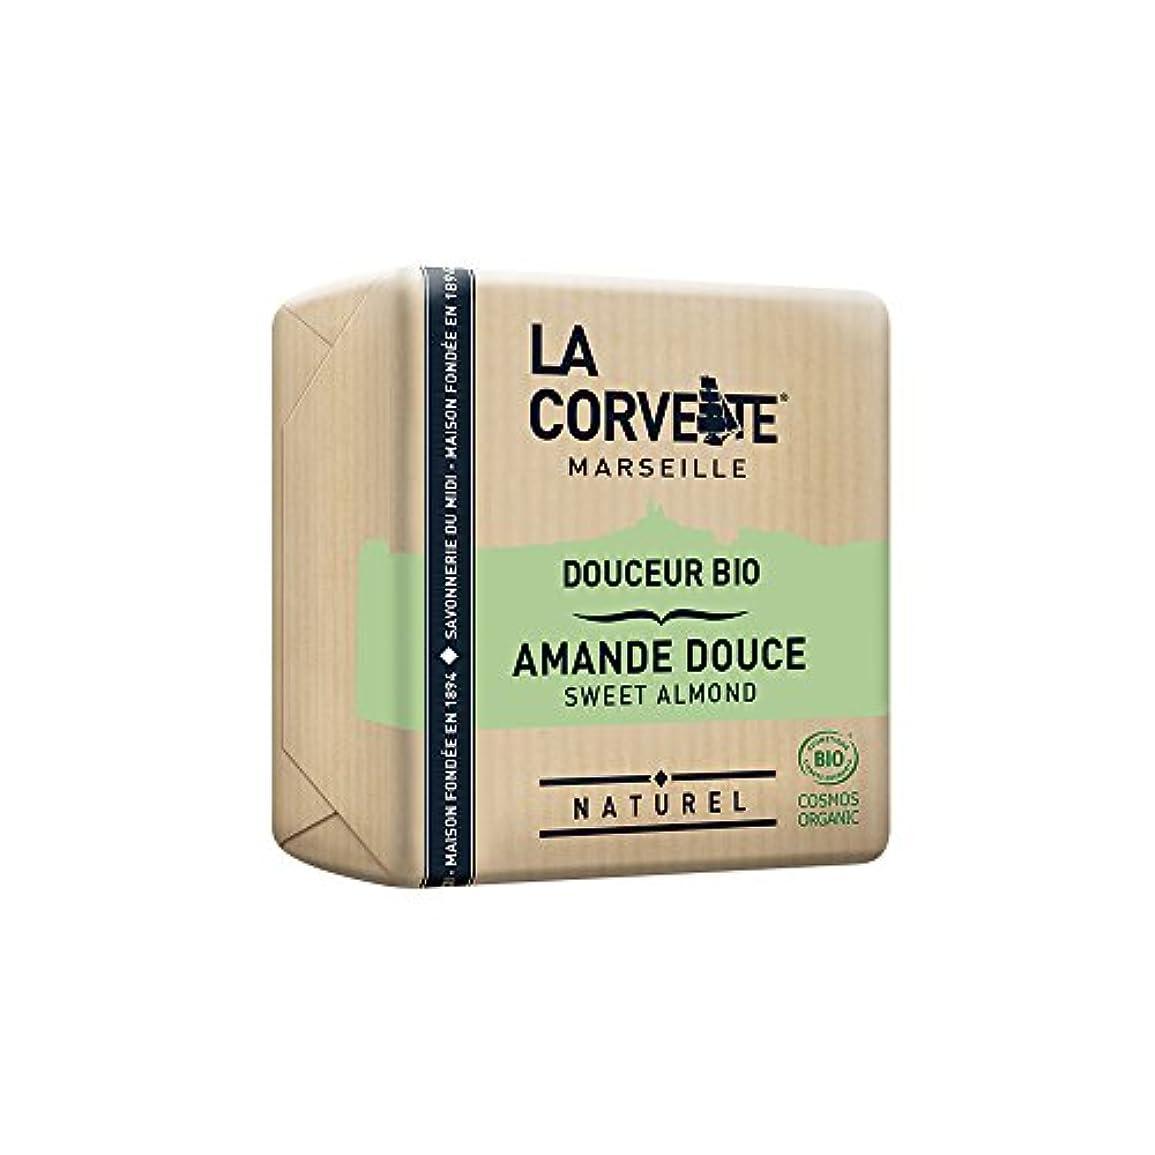 ハーフショッピングセンター天才La Corvette(ラ?コルベット) サボン?ドゥスール?ビオ スウィートアーモンド 100g